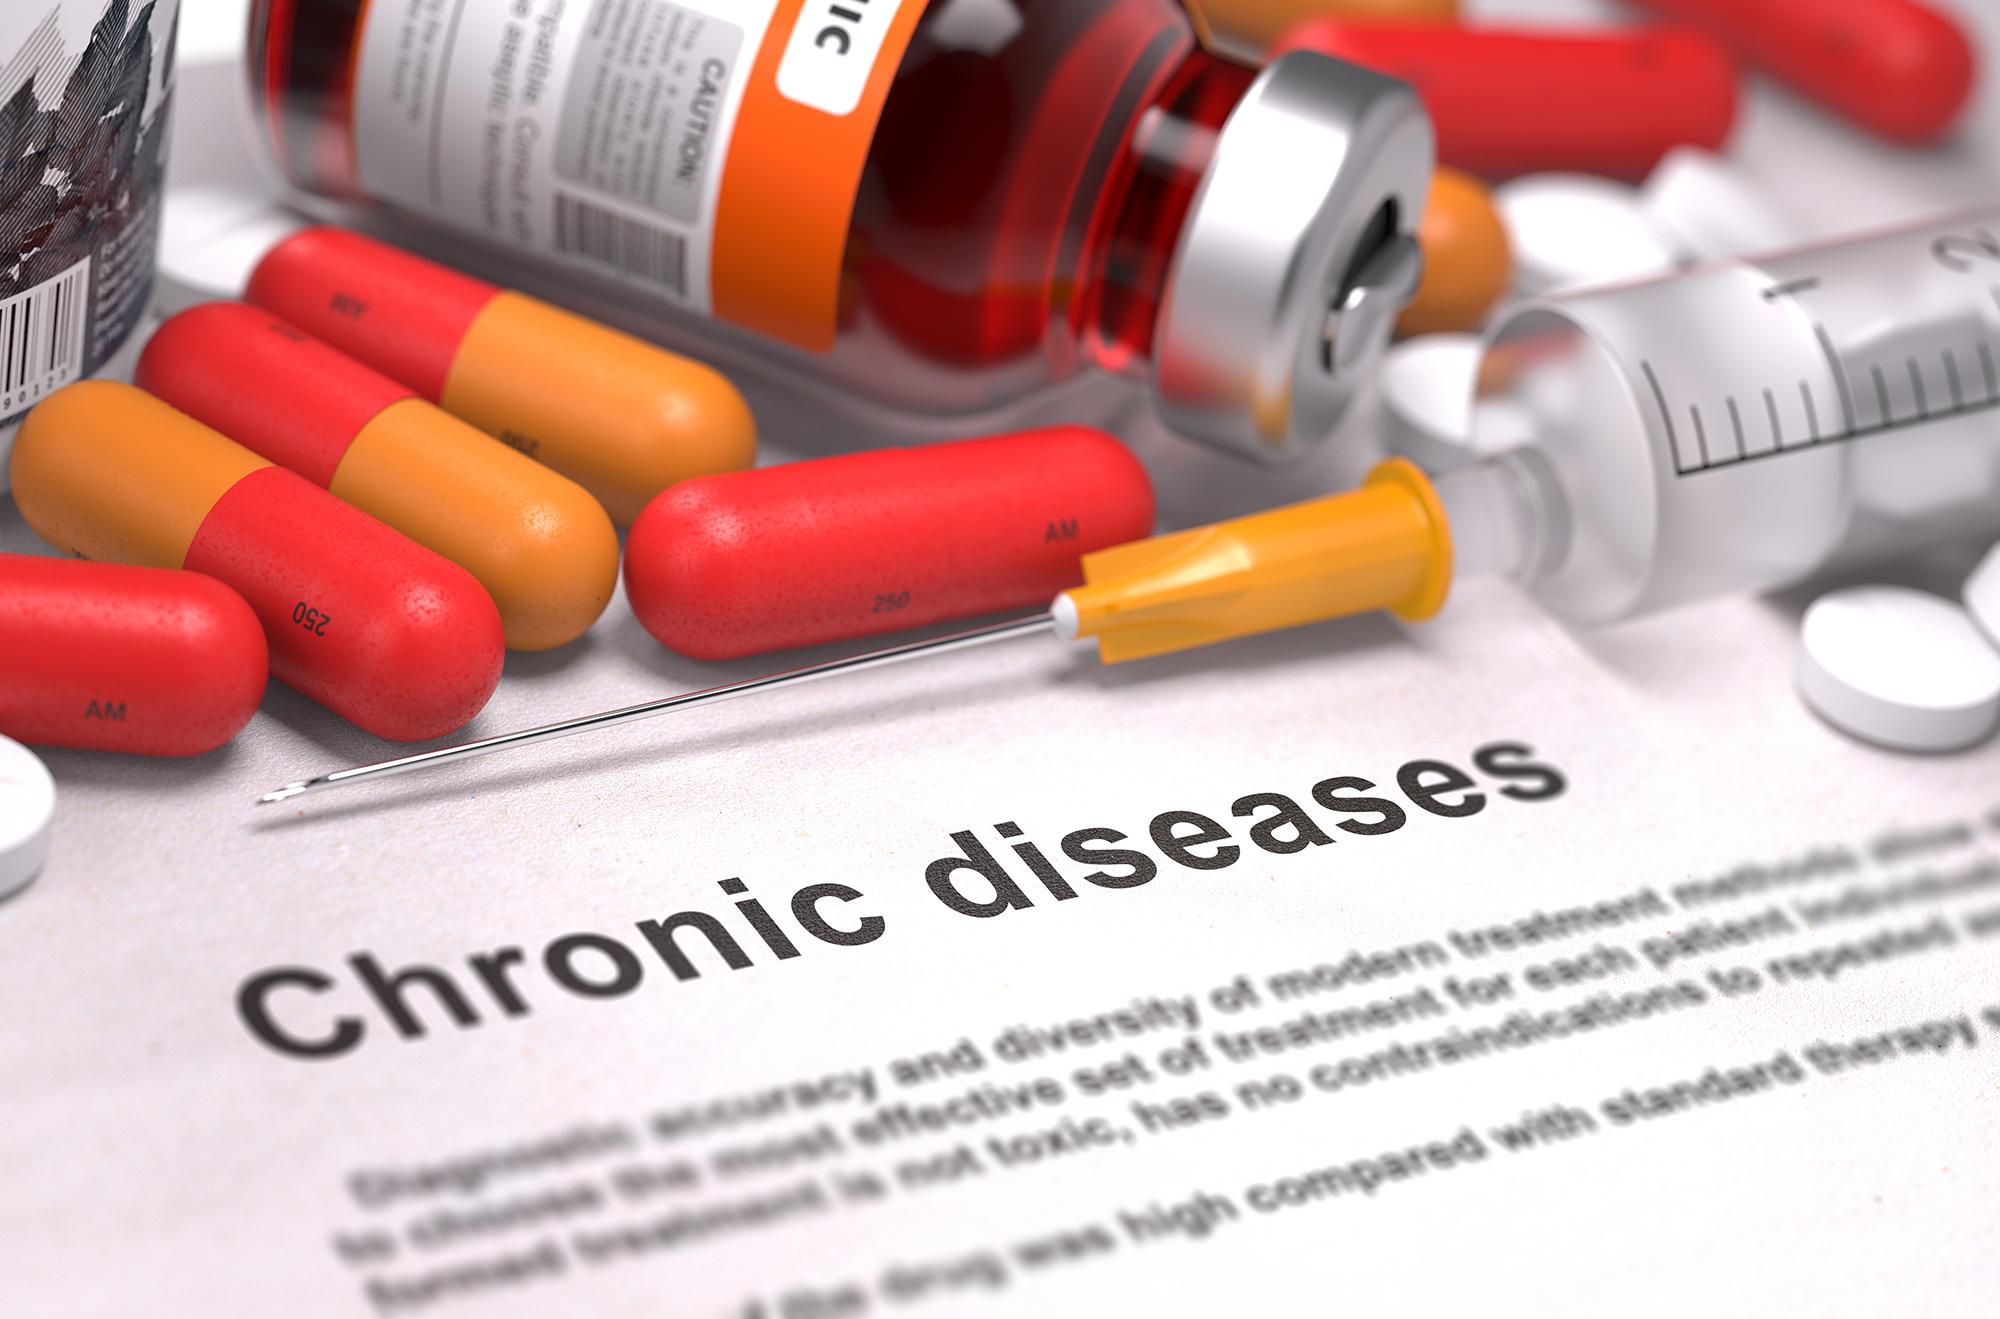 الأمراض المزمنة